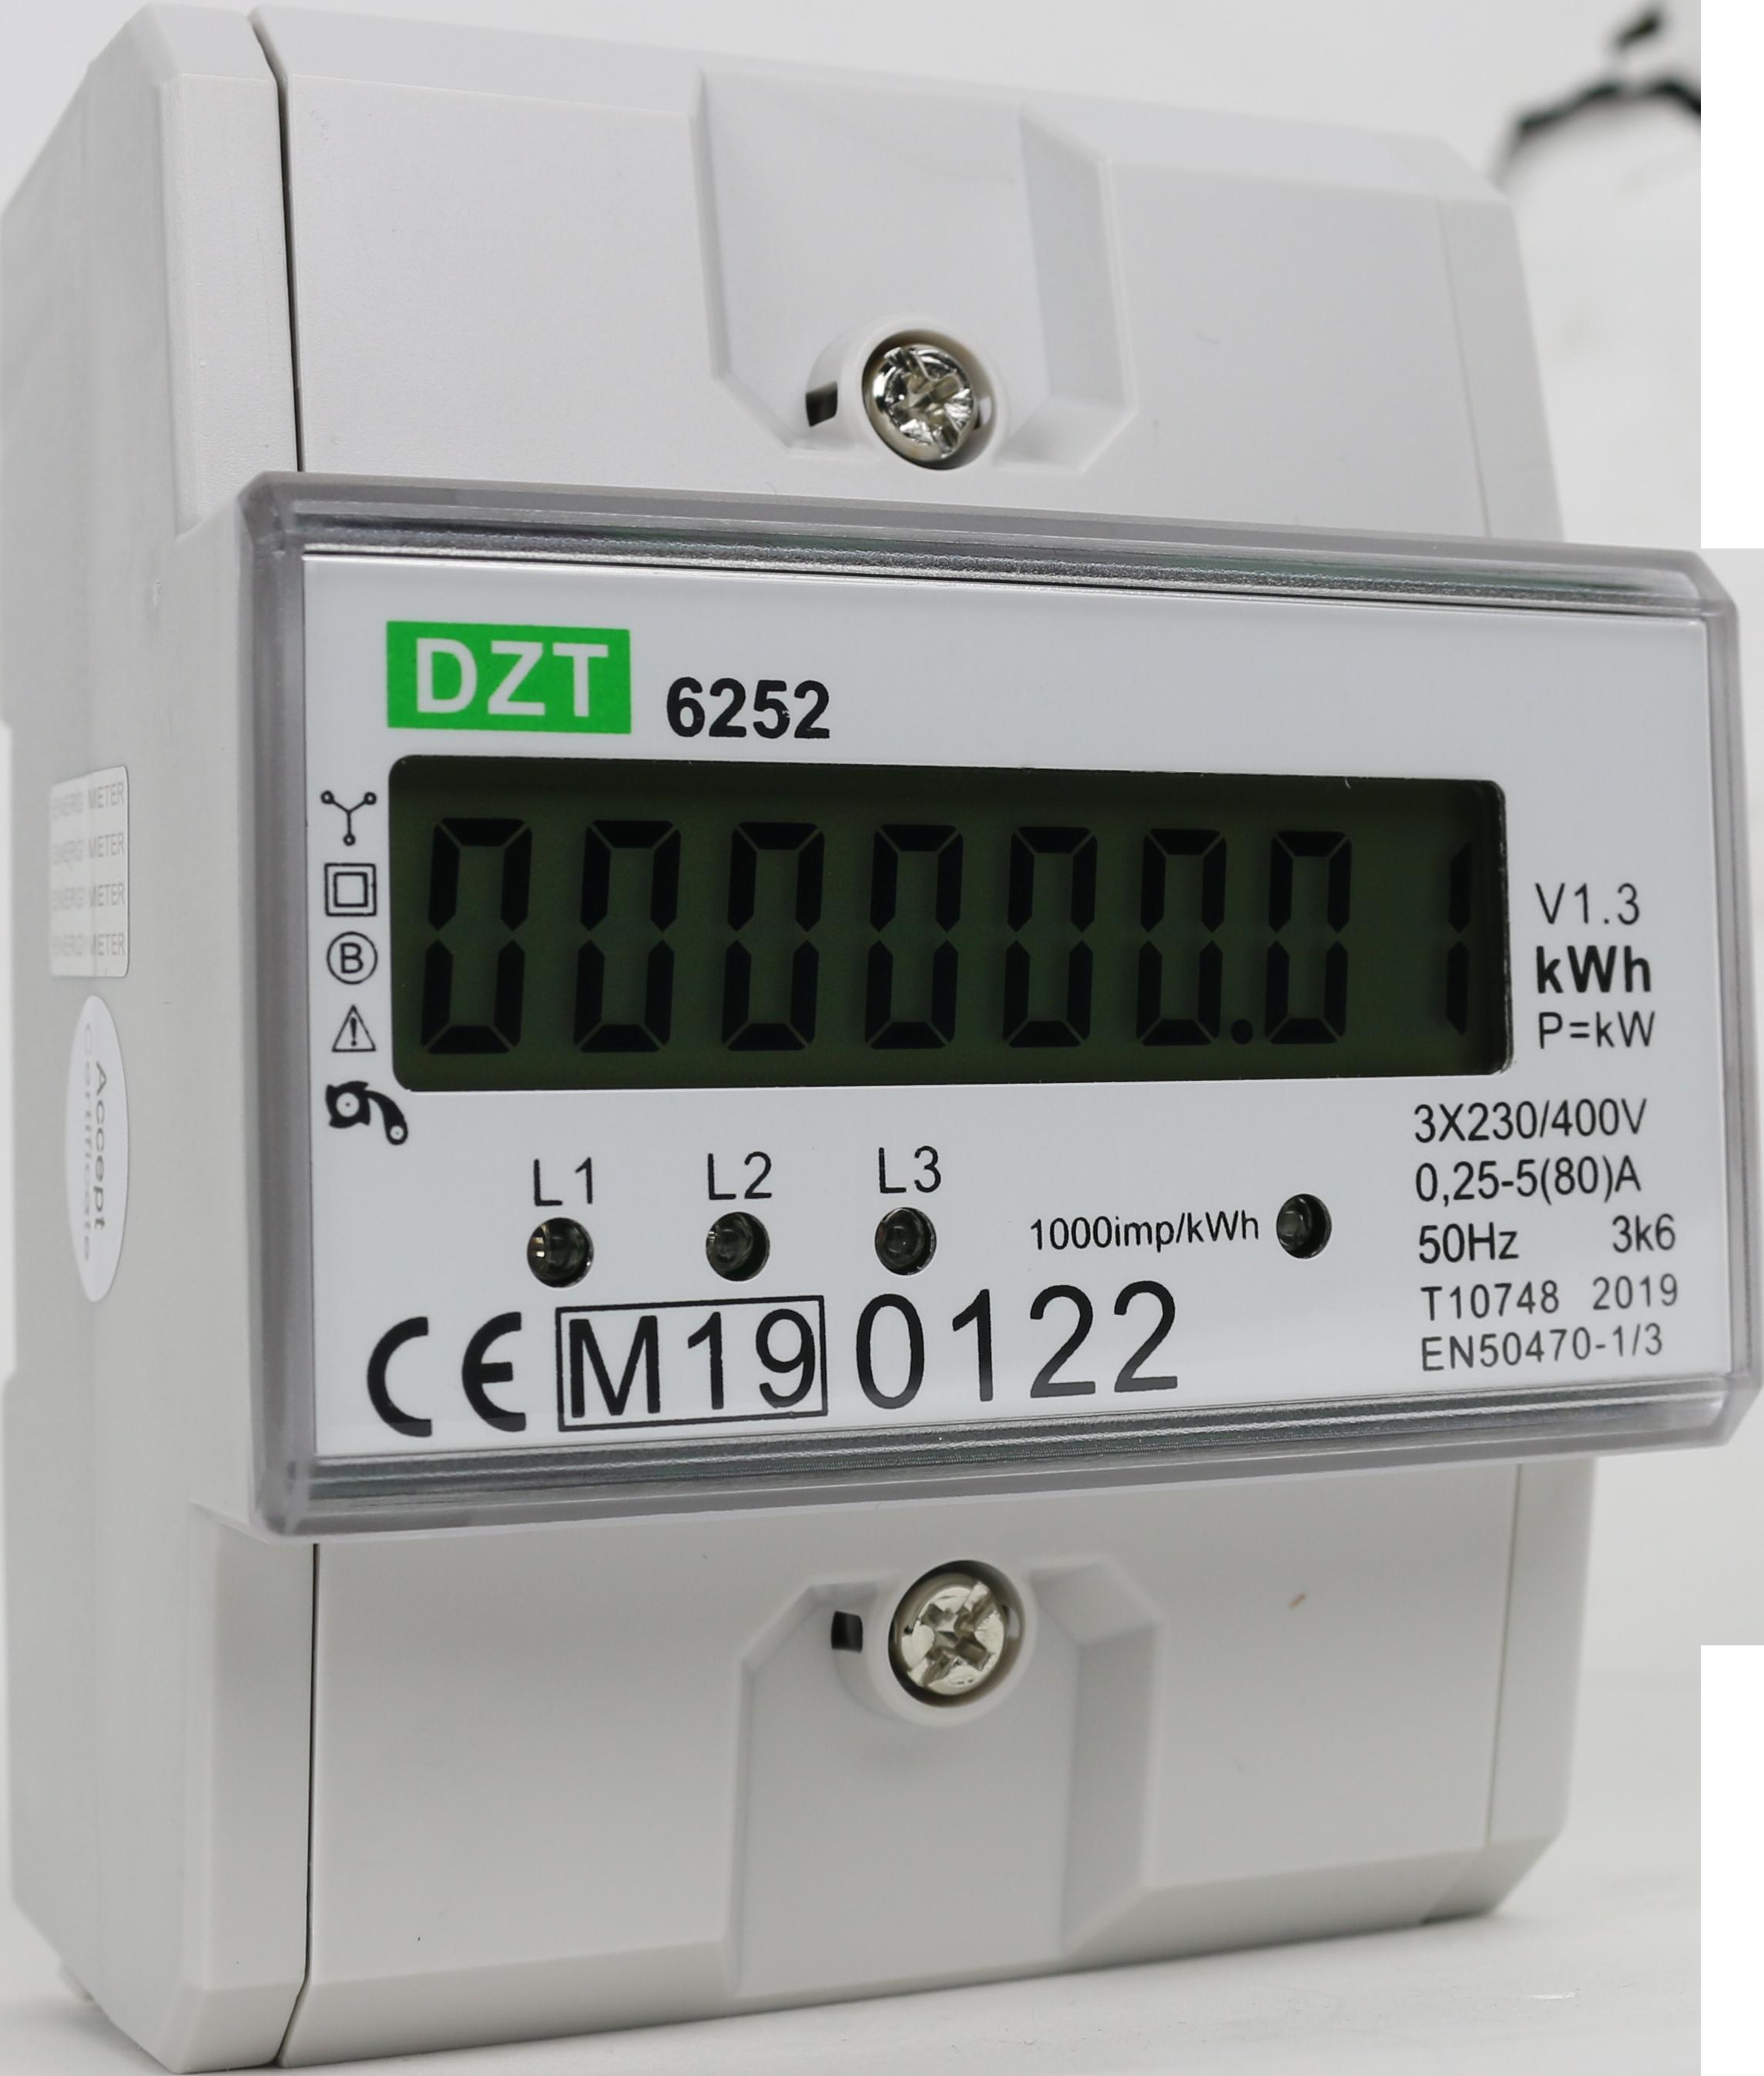 Hoe sluit ik een kWh meter aan?